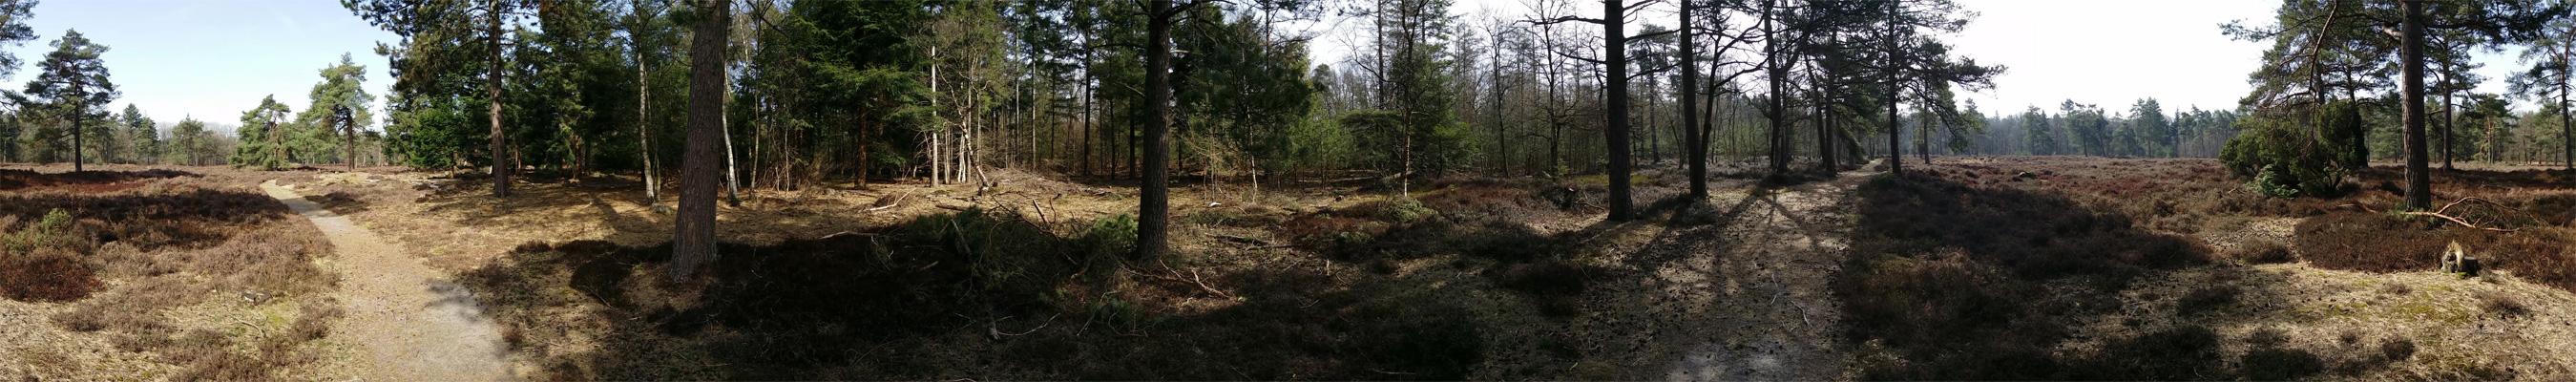 Boswachterij-Ruinen-Groene-route-voetzoekers